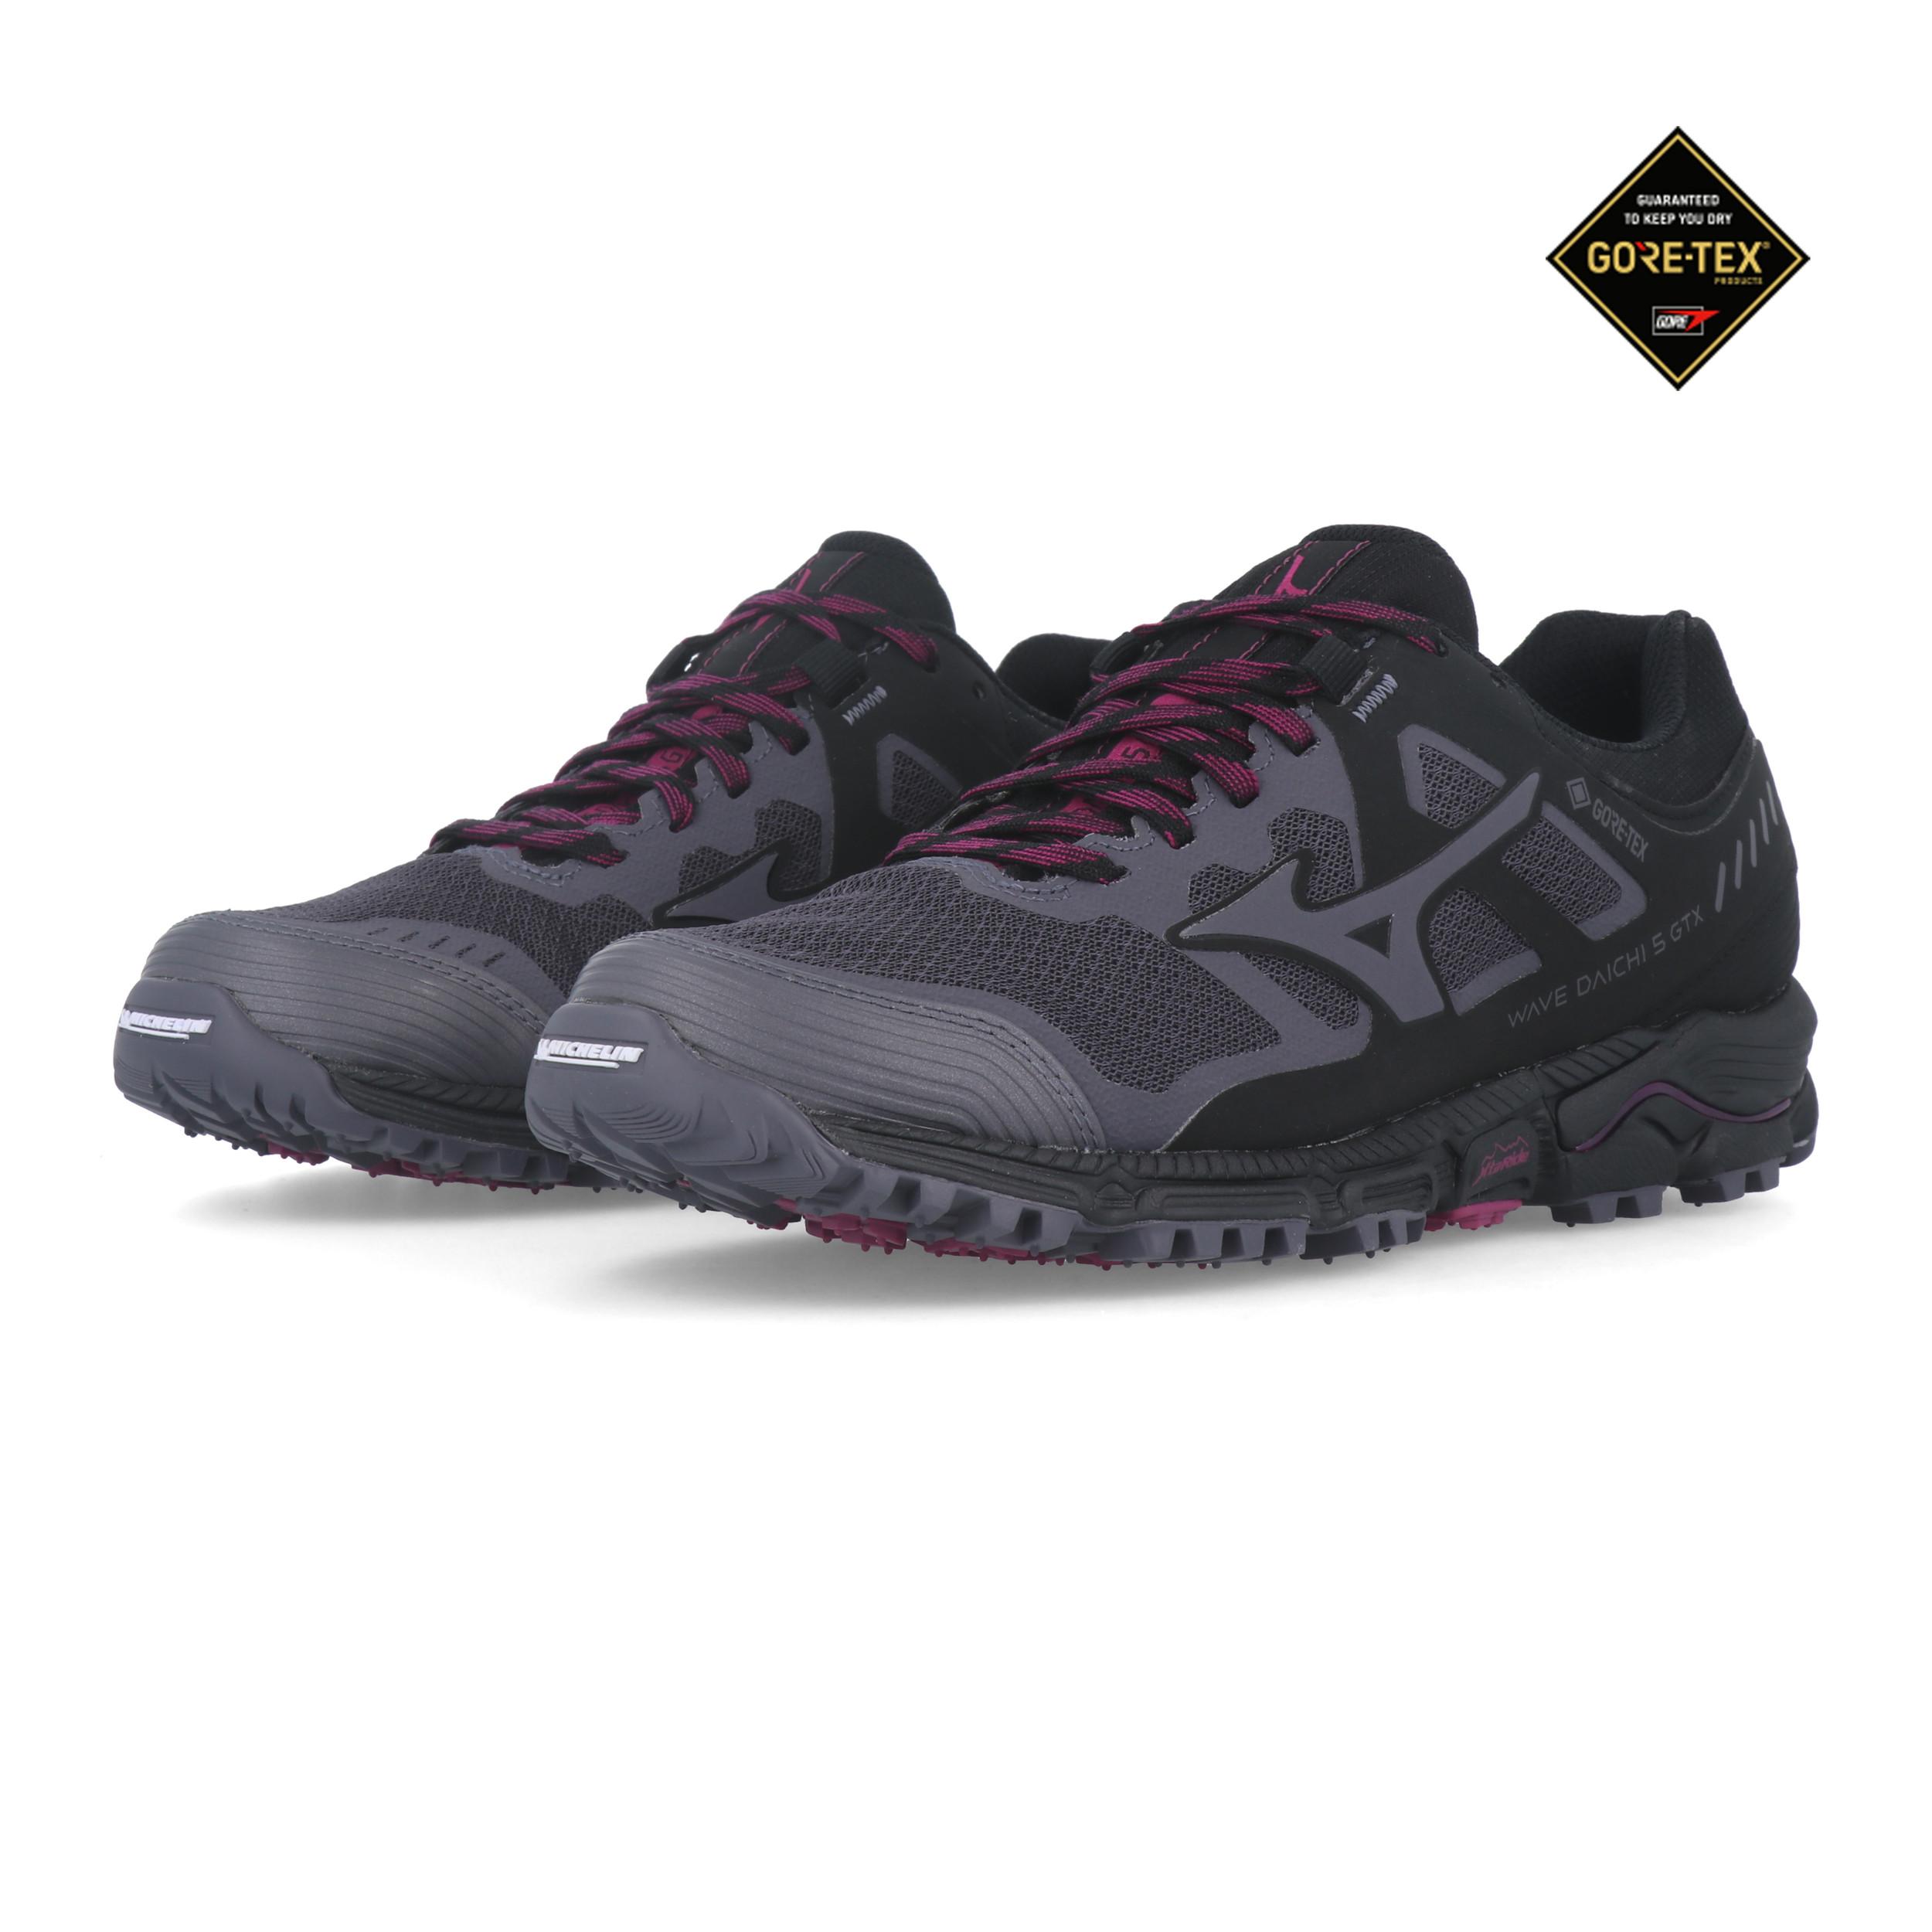 Mizuno Wave Daichi 5 GORE-TEX Women's Trail Running Shoes - SS20